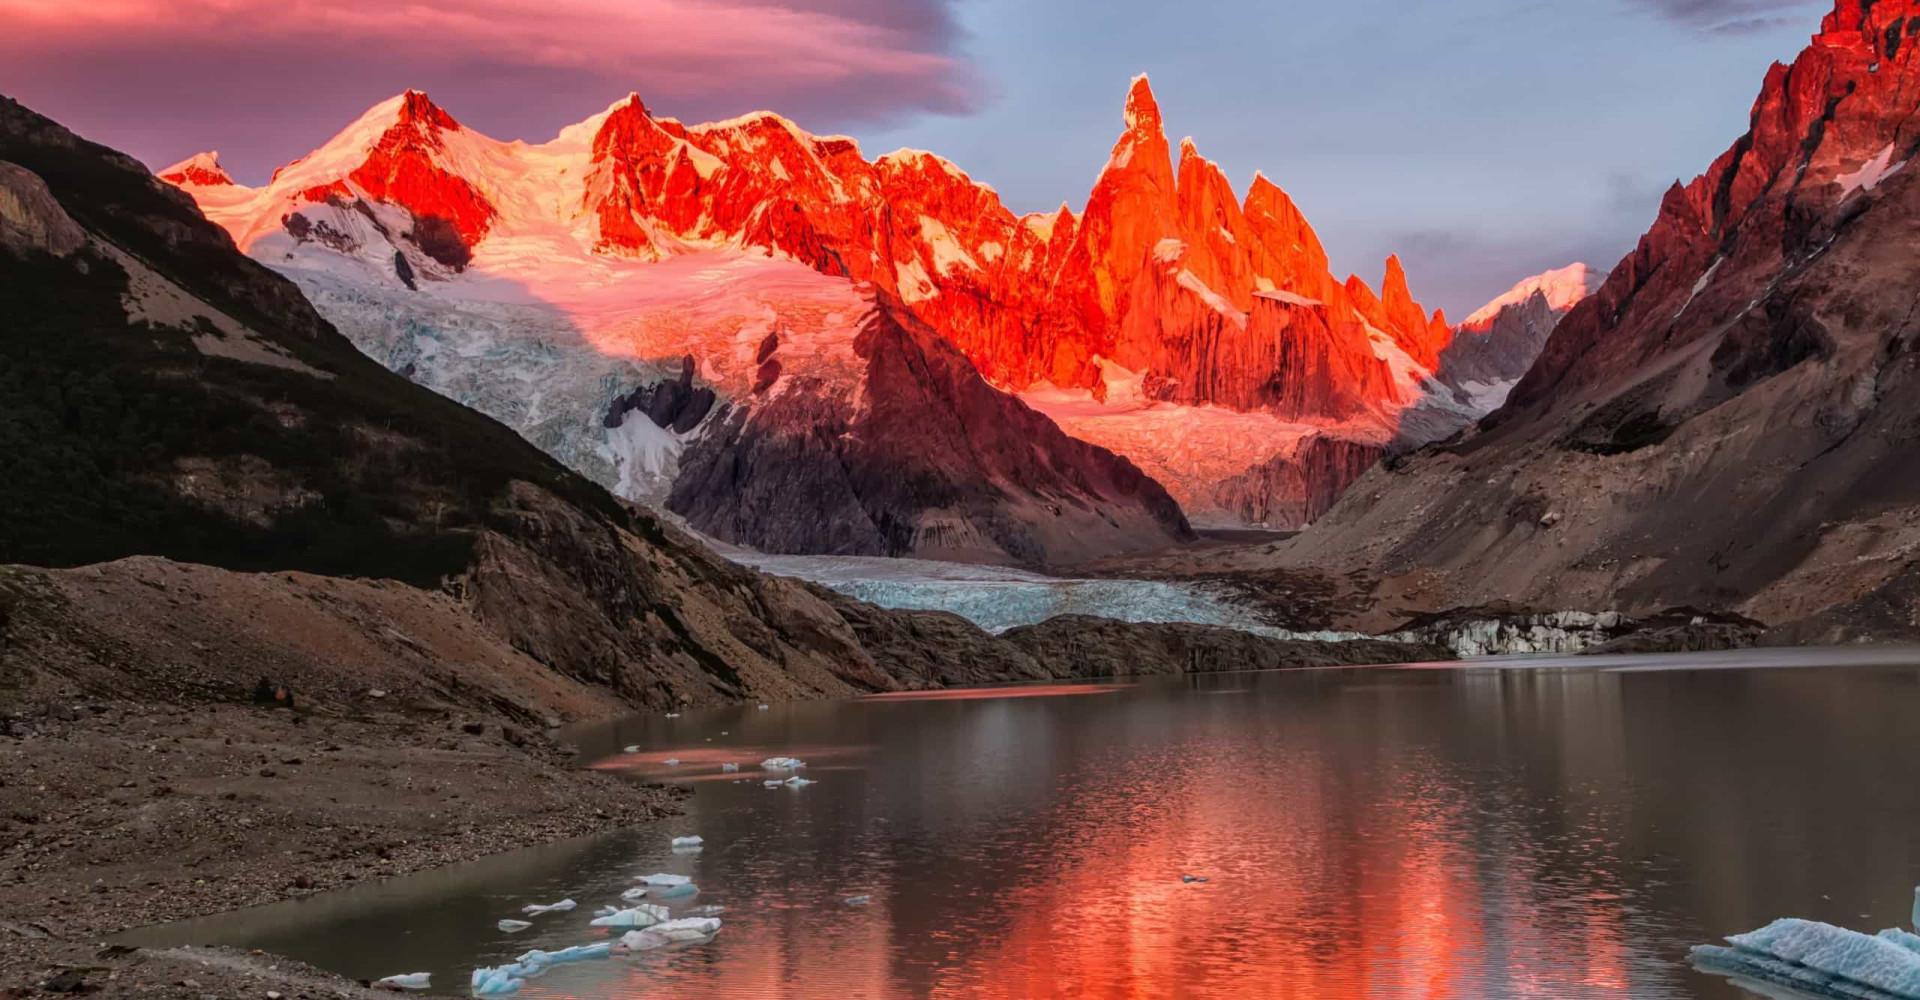 Próximo destino: Patagonia y su maravillosa diversidad